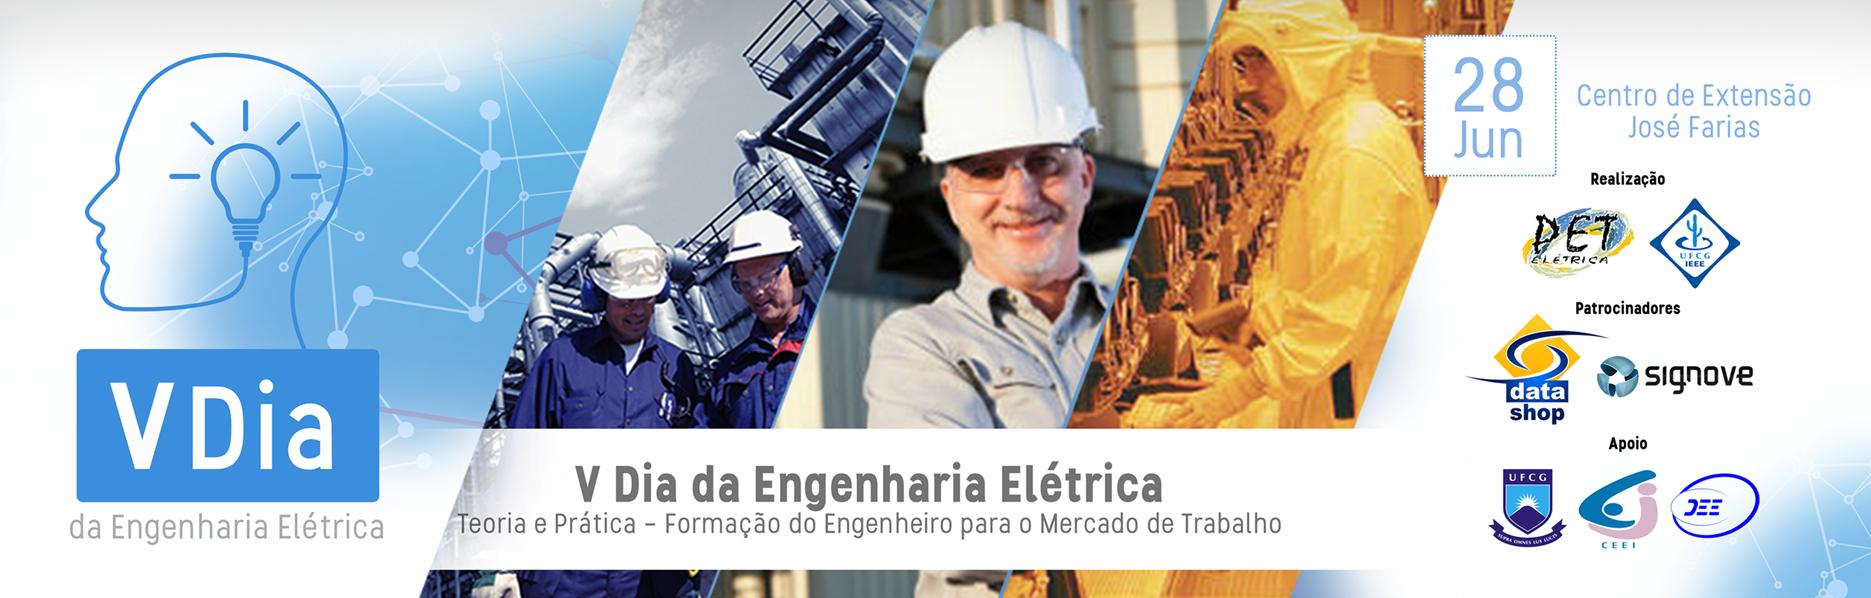 https://sites.google.com/a/ee.ufcg.edu.br/pet-eletrica/atividades/Dia-de-Engenharia-Eletrica/v-dia-da-engenharia-eletrica